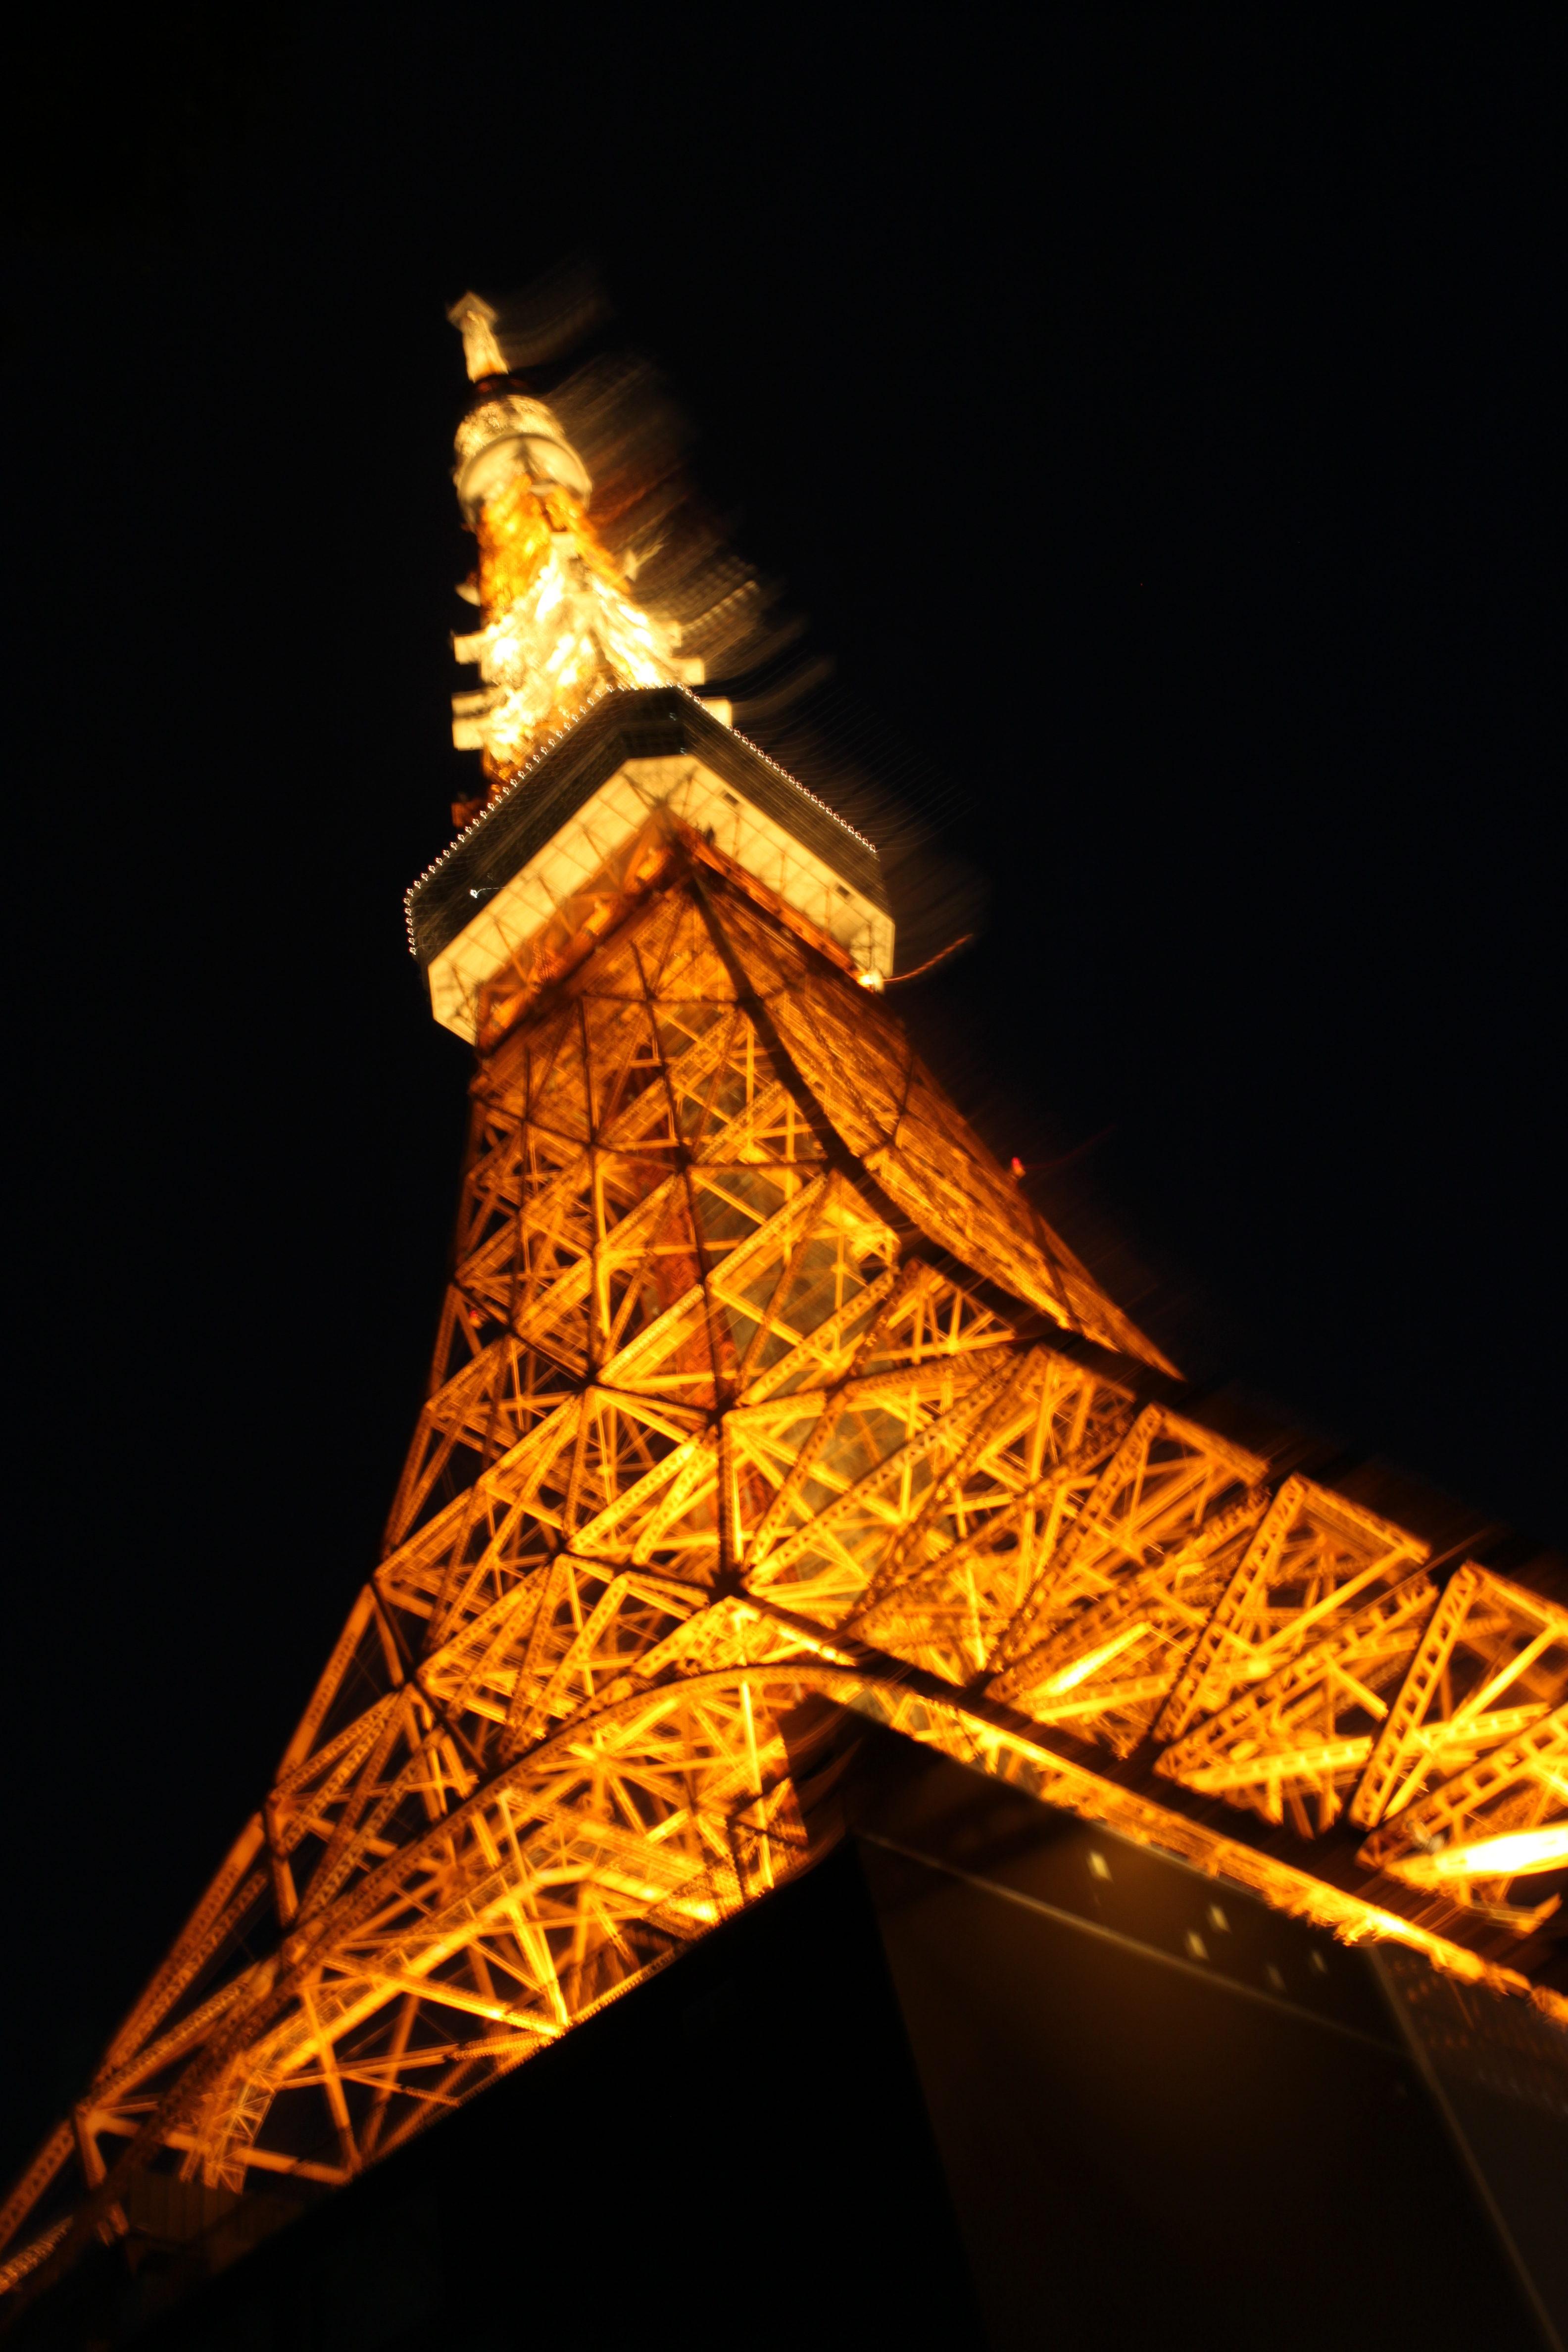 5 Tage in Tokio - Tokio Tower